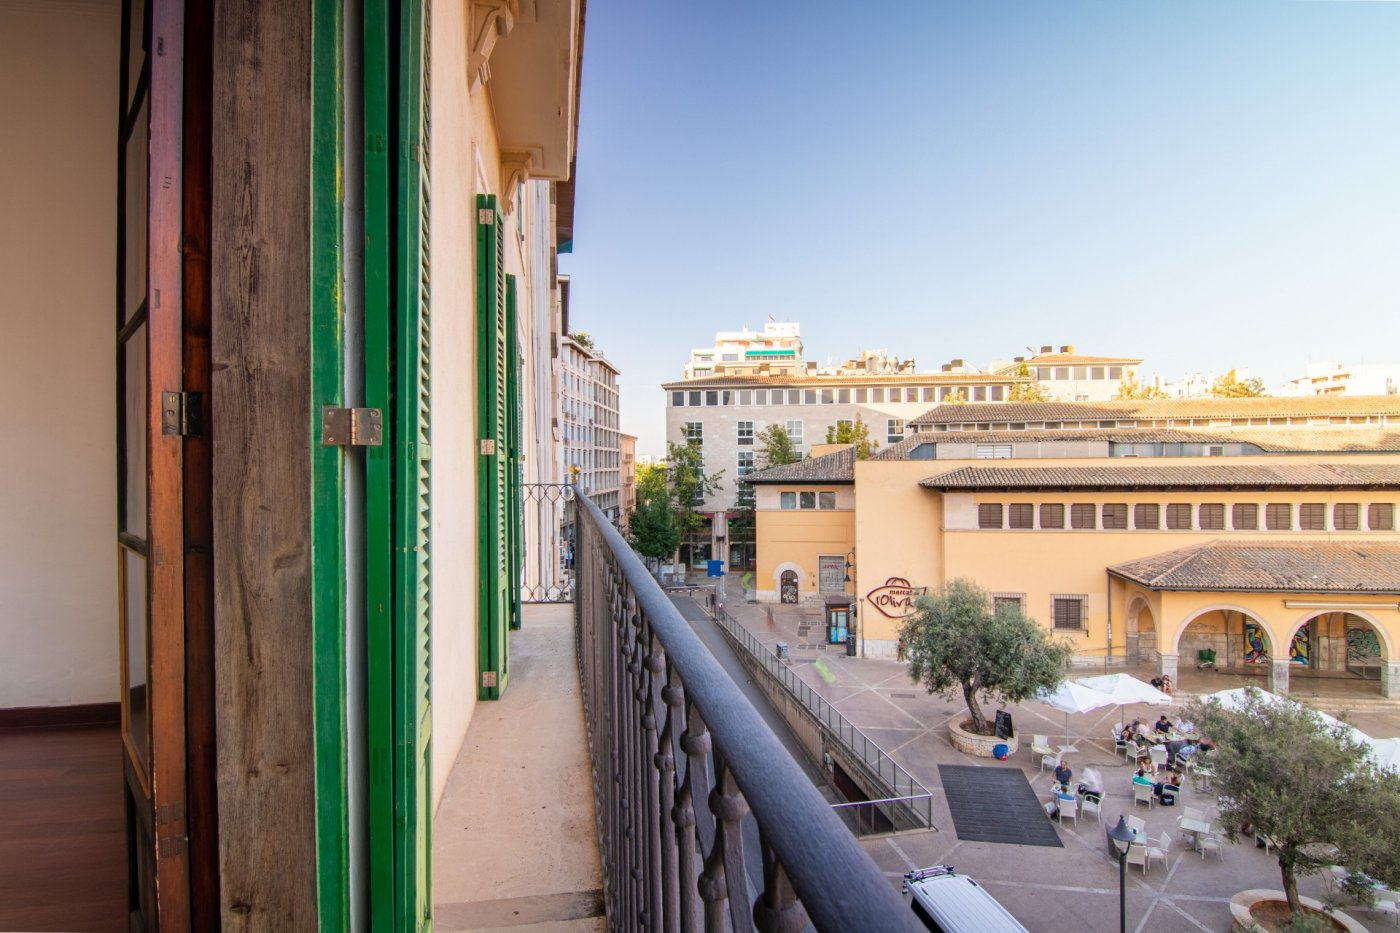 Alquiler Piso  Palma de mallorca ,centro. Magnífico piso en plaza del olivar